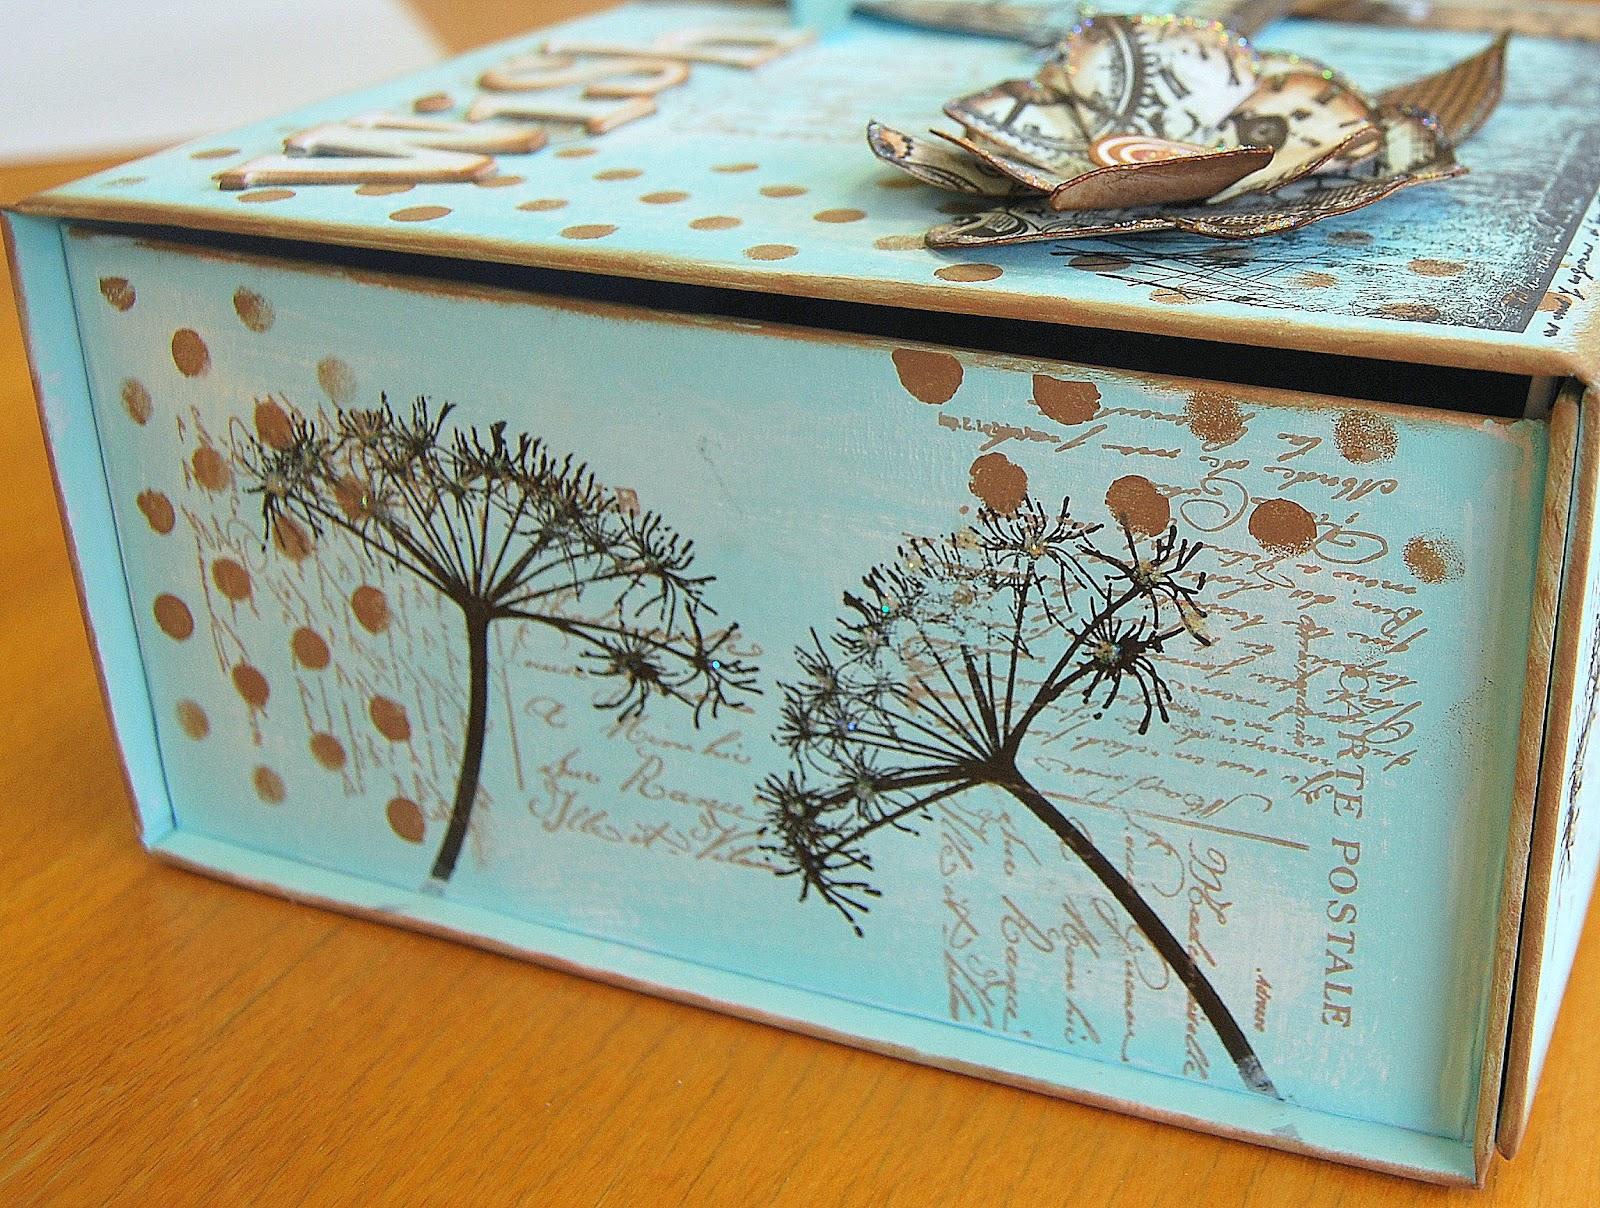 http://2.bp.blogspot.com/-hwY2Zehl7pk/T4Gn02wjthI/AAAAAAAAew4/vwTvnHysUgQ/s1600/Paperartsy+2.jpg